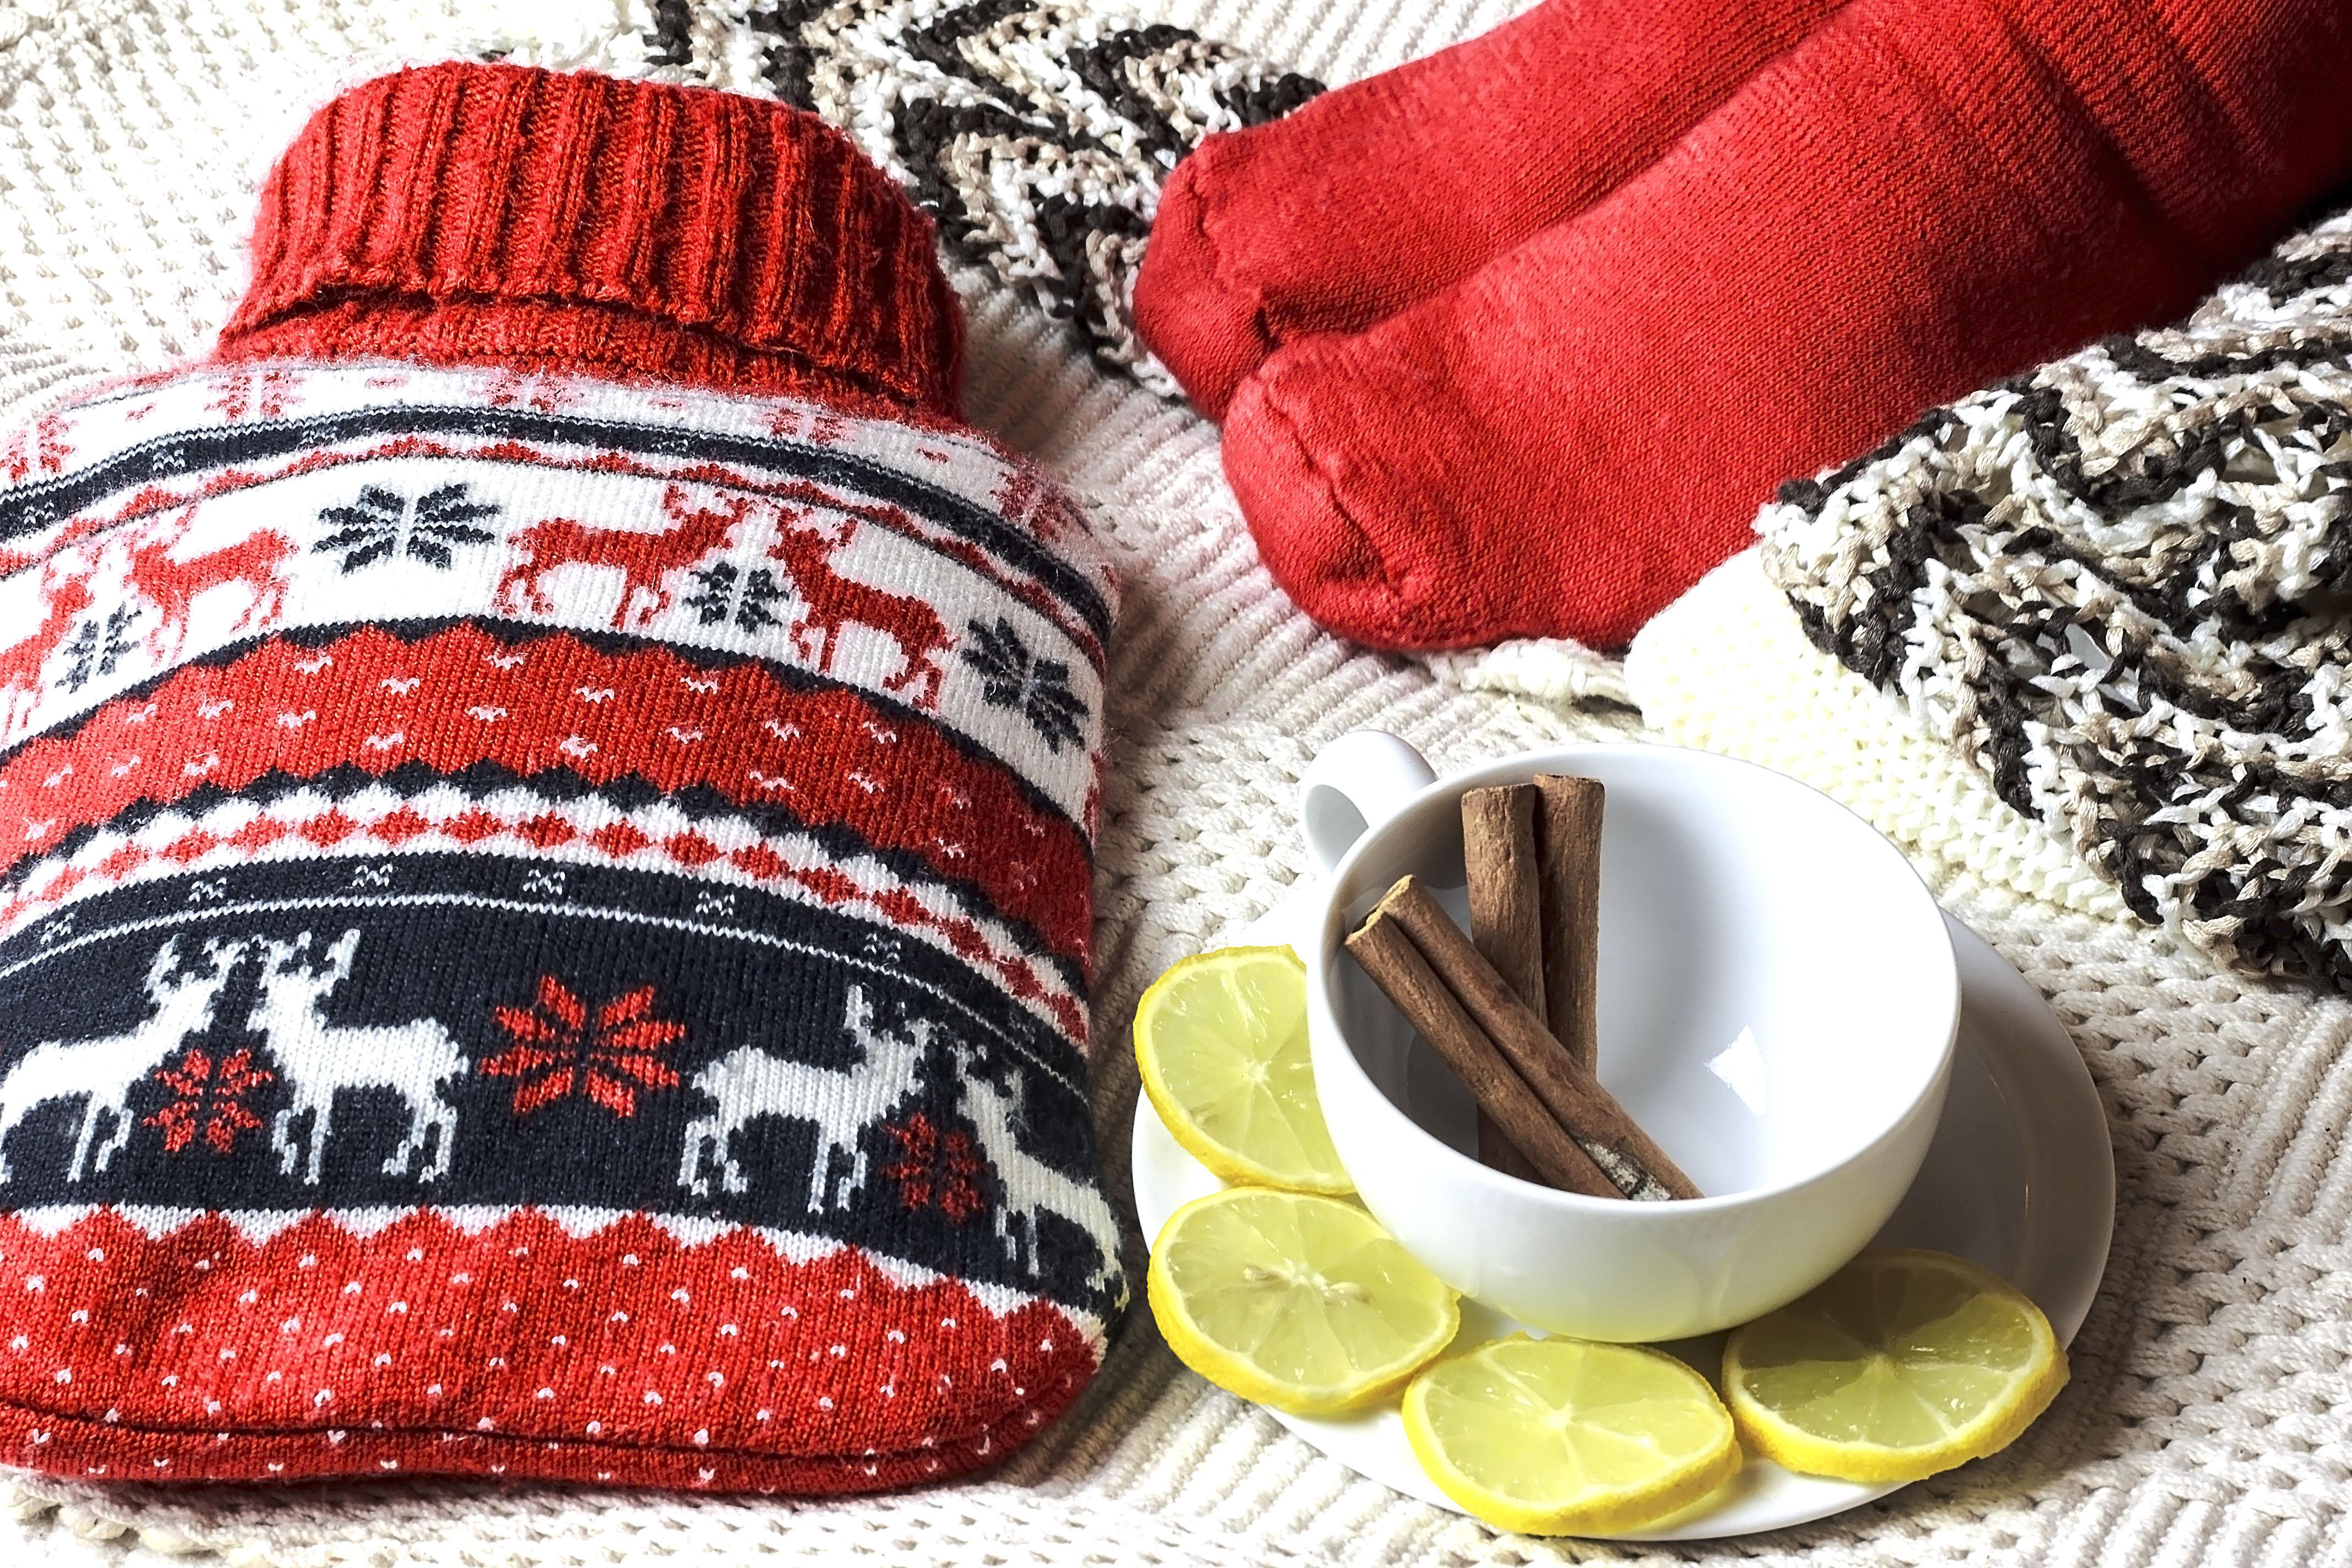 冬も本番!寒い冬でも心も体も健やかに過ごすために・・冷え・浮腫みから守ろう